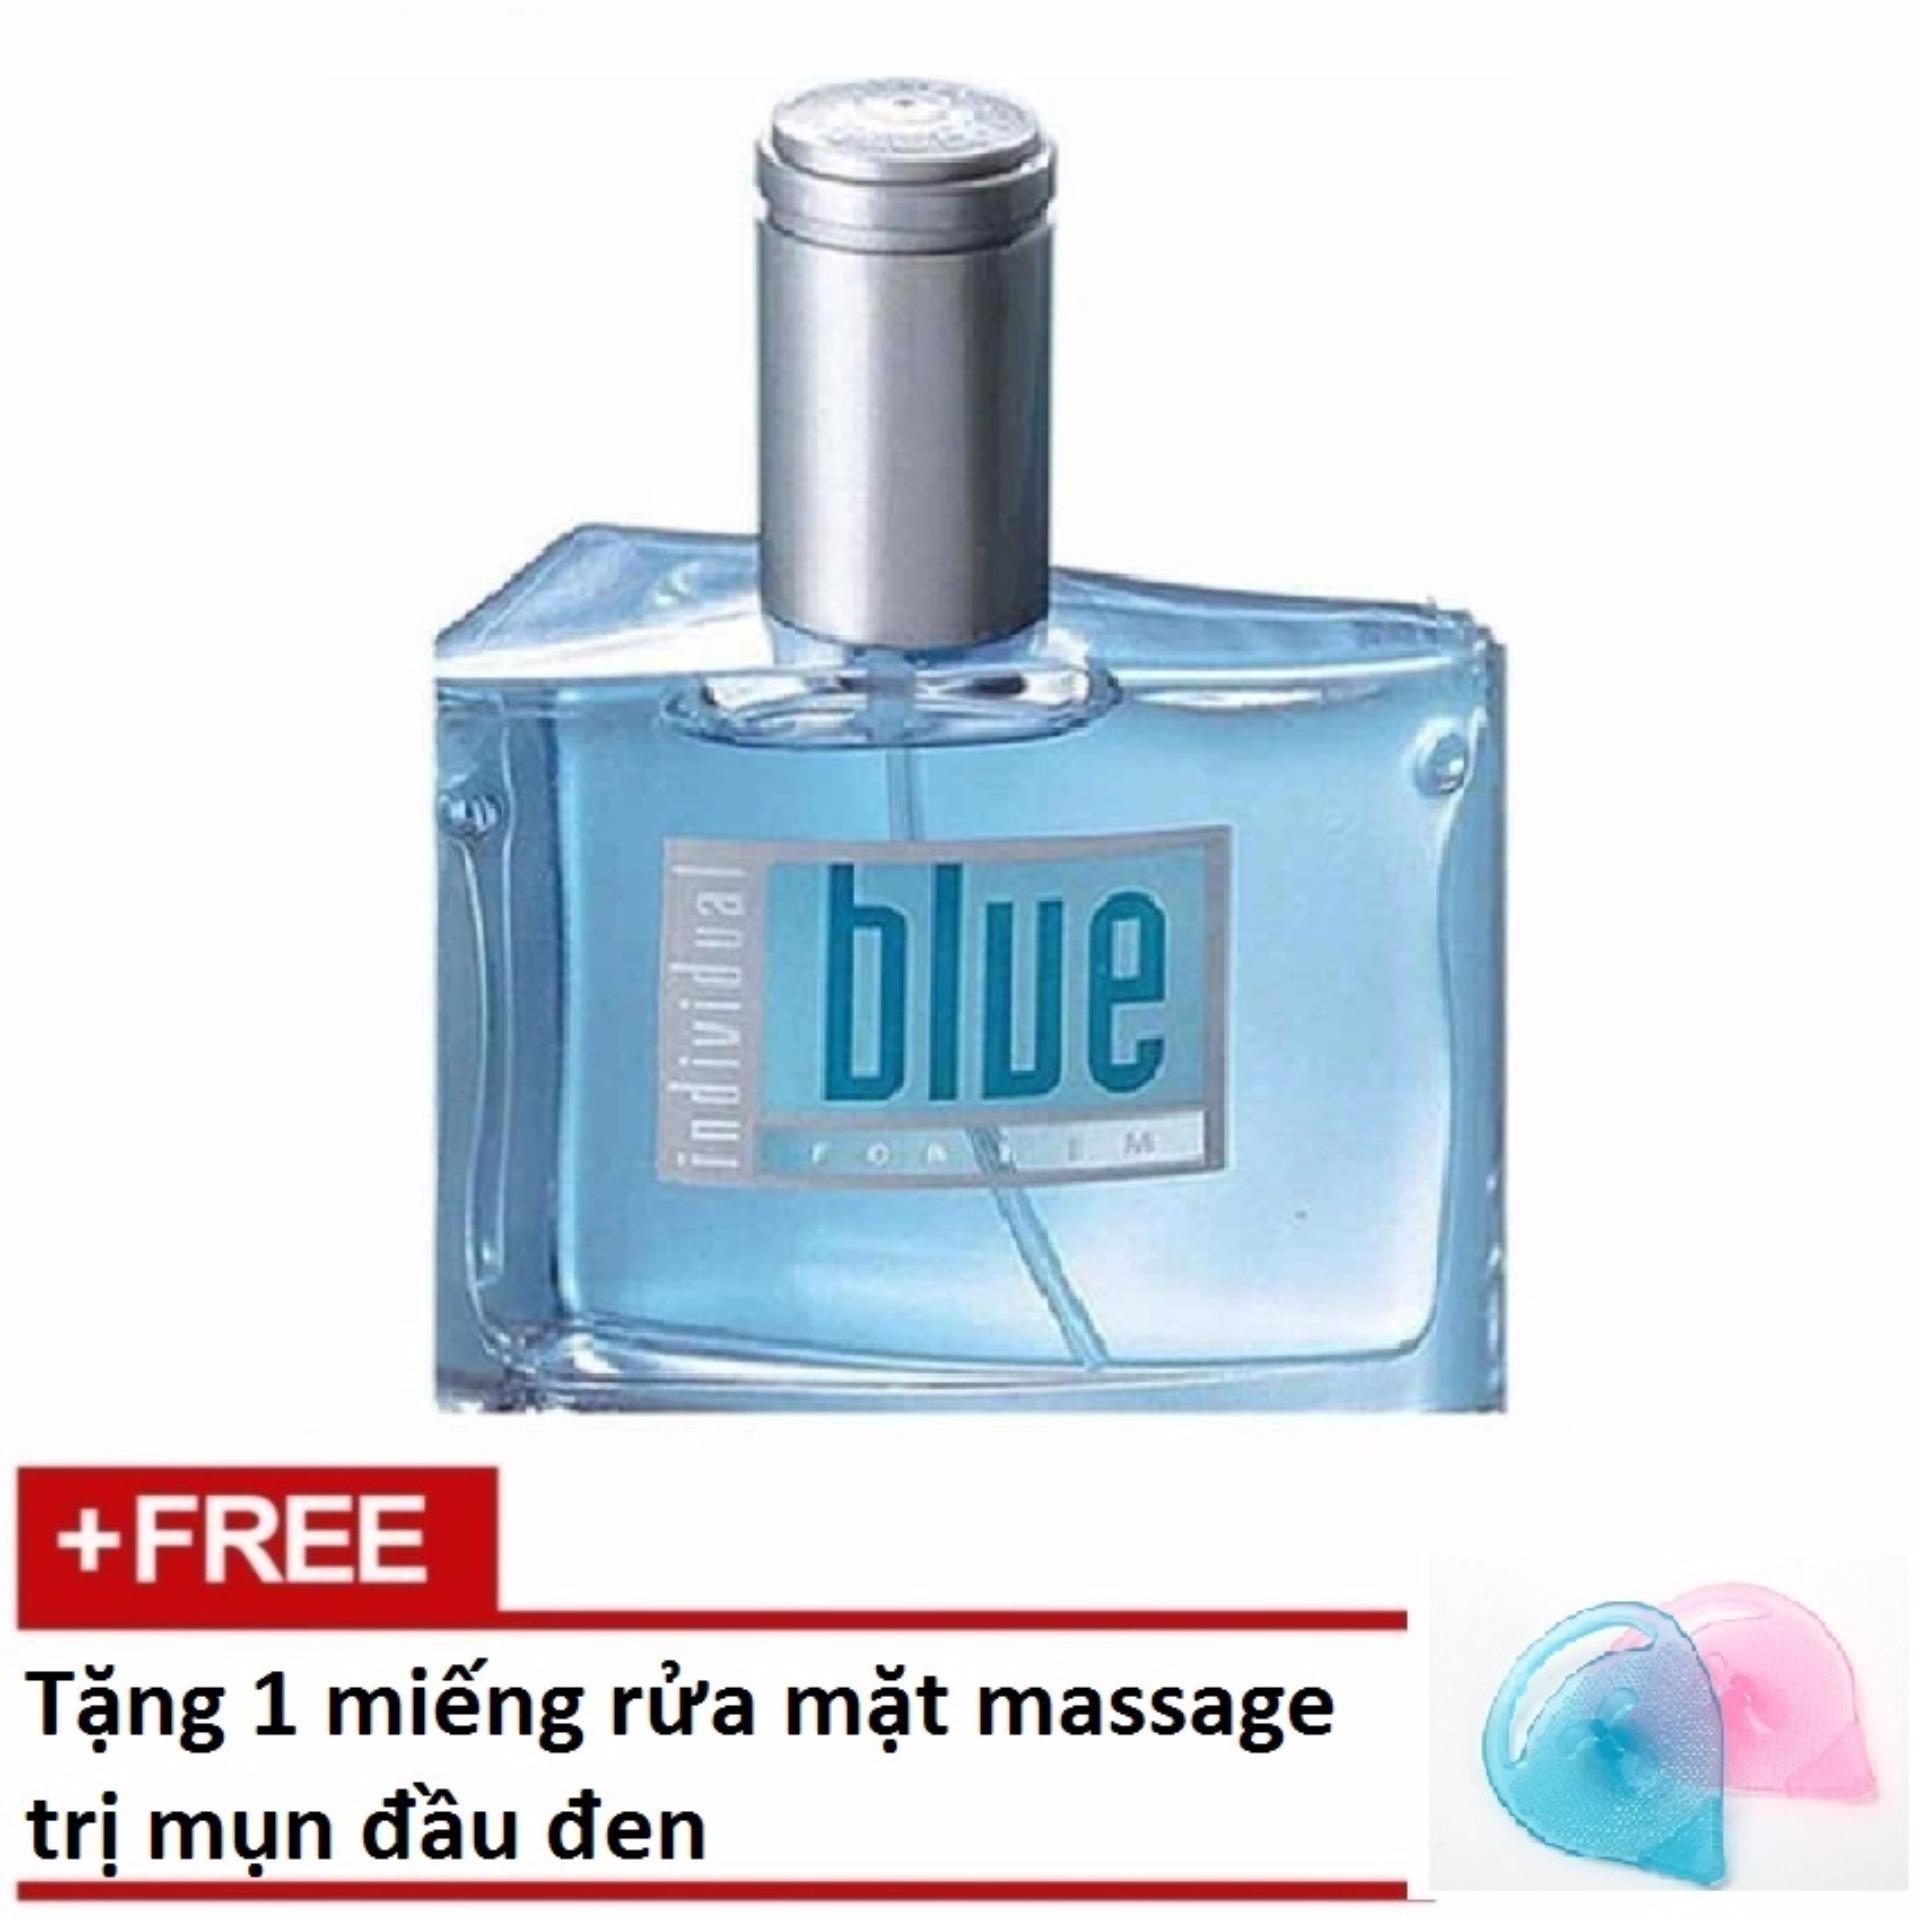 Nước hoa nam Avon Blue for Him 50ml + Tặng 1 miếng rửa mặt massage trị mụn đầu đen